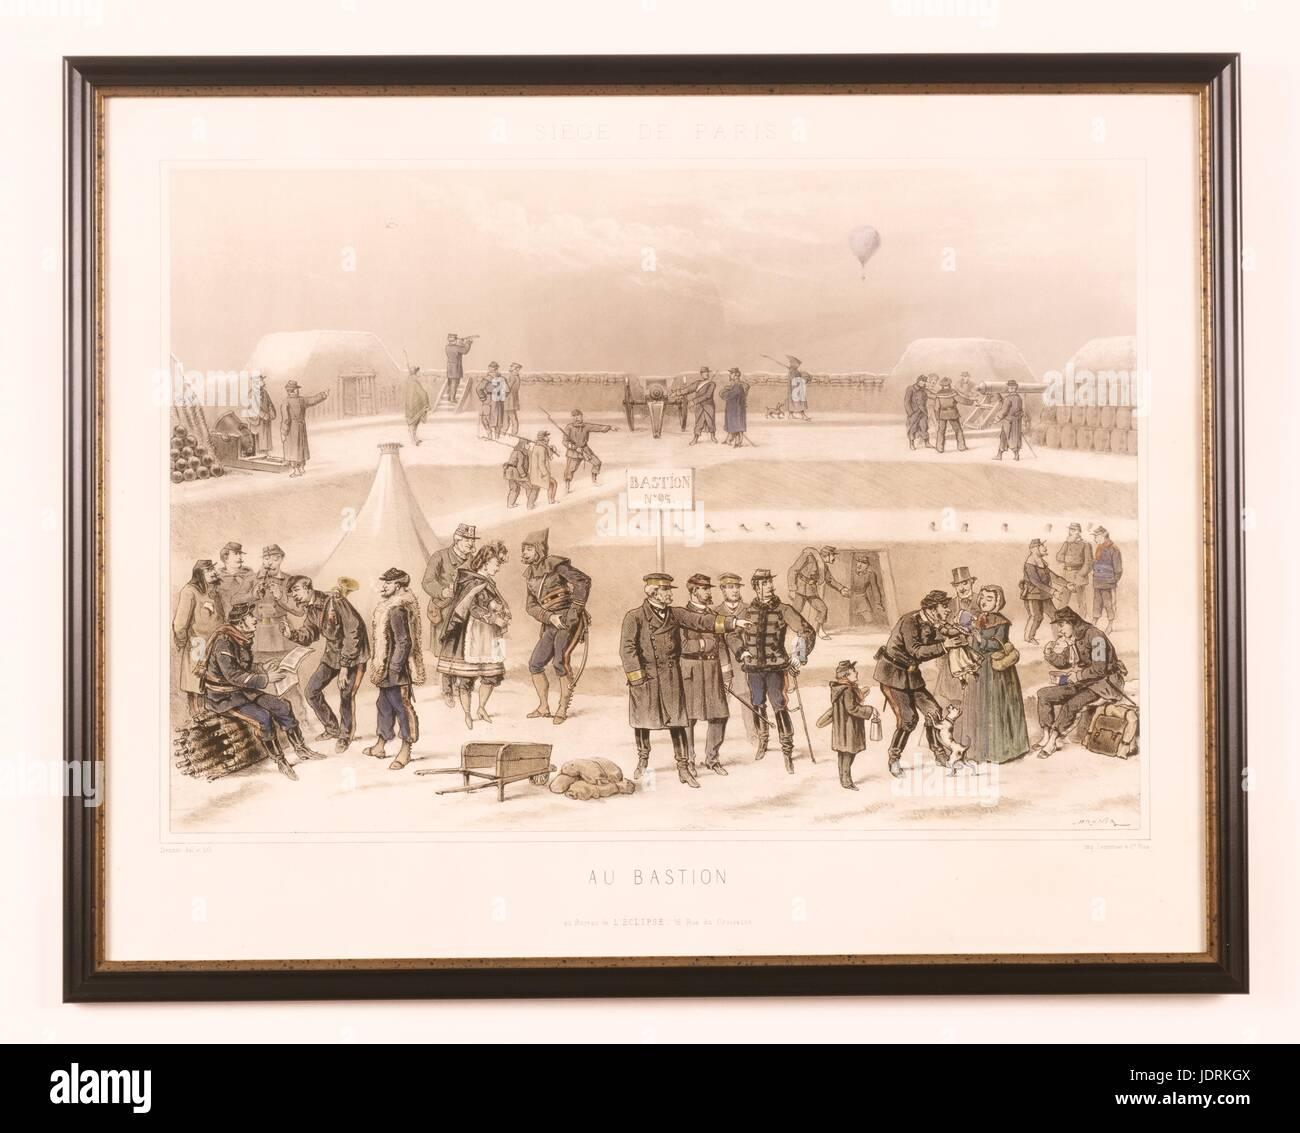 Prussian Army Stockfotos & Prussian Army Bilder - Alamy